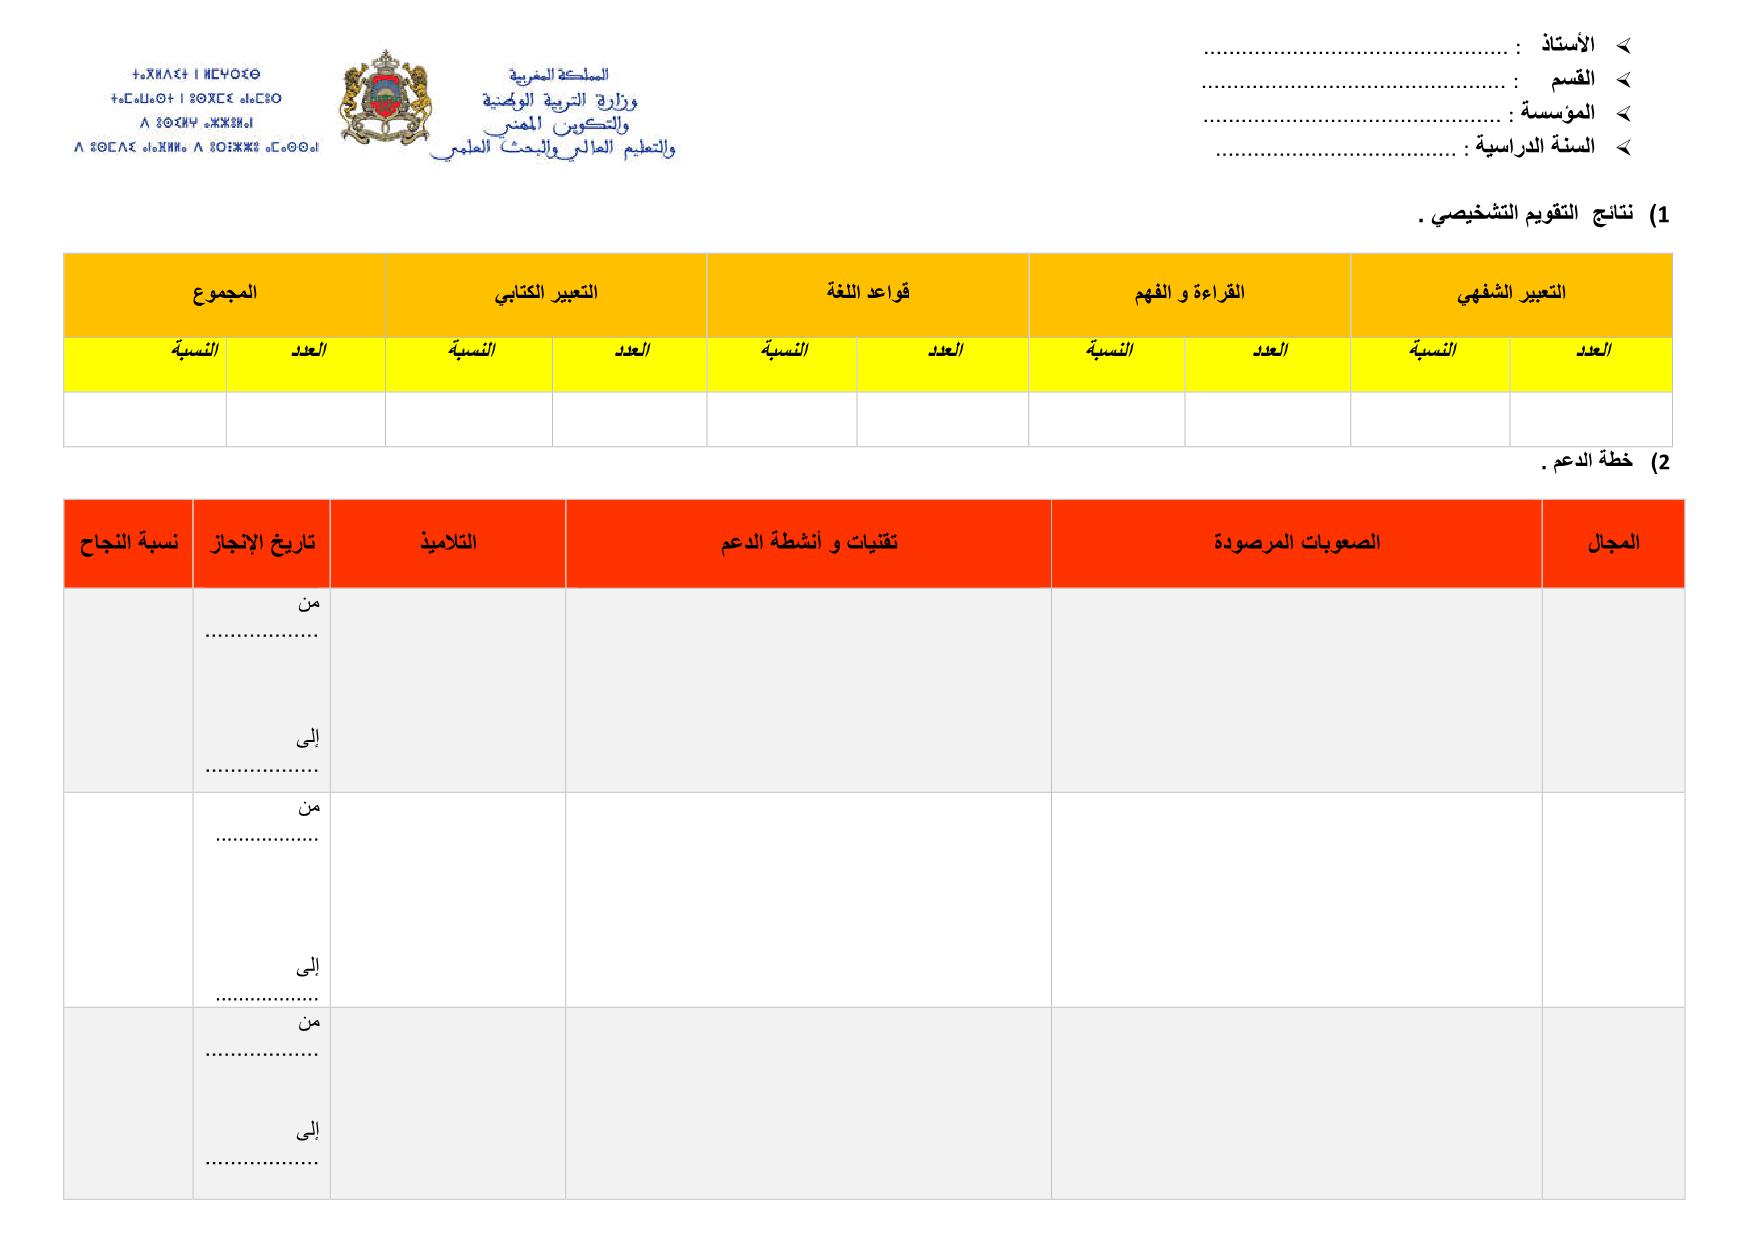 خطة الدعم - اللغة العربية